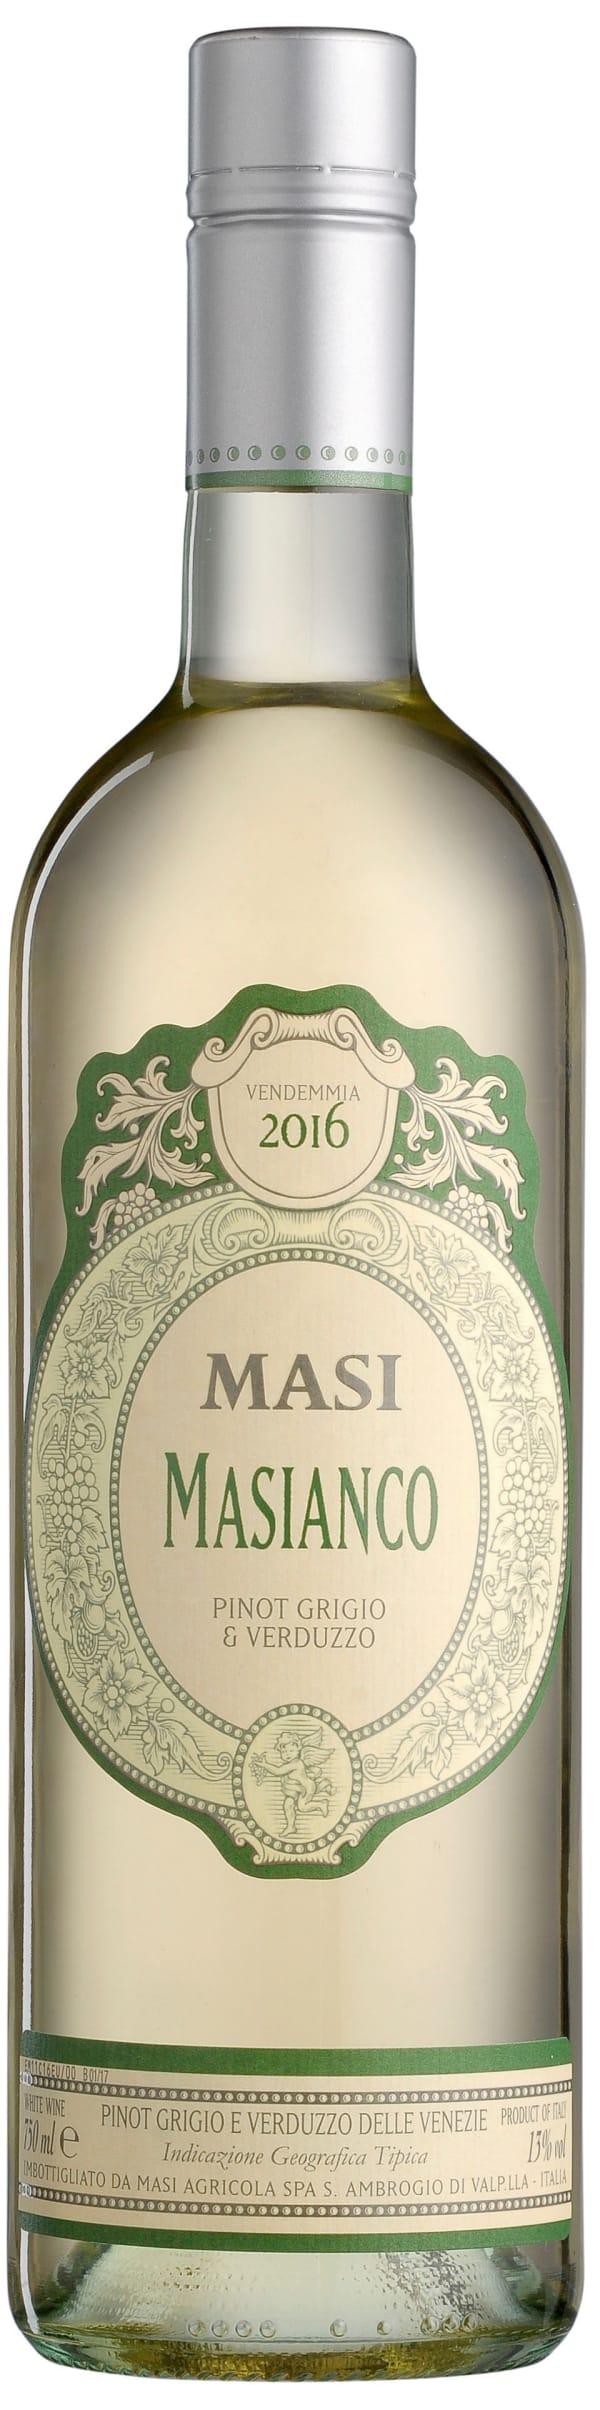 Masi Masianco Pinot Grigio Verduzzo 2018